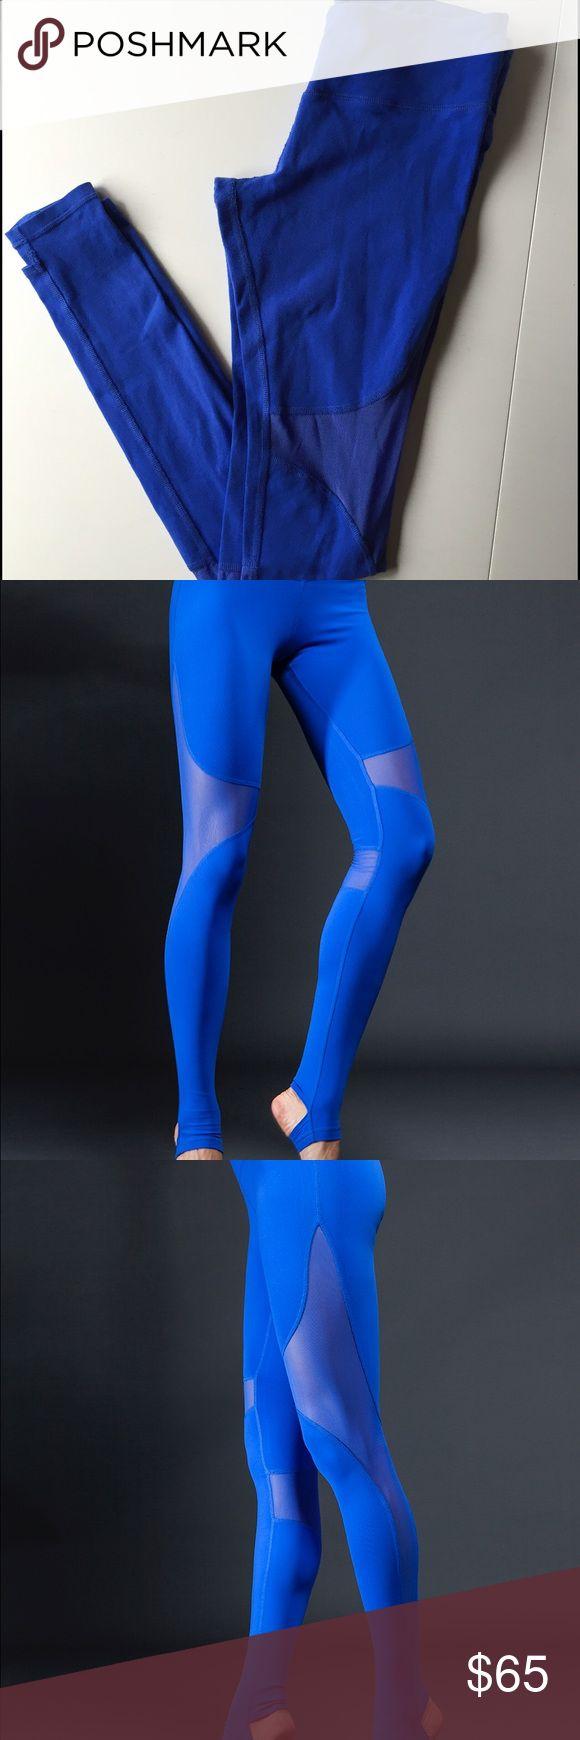 Alo Yoga Coast Legging Small Alo Yoga Coast Legging in the color Surf Blue. Slight pilling in the center. ALO Yoga Pants Leggings